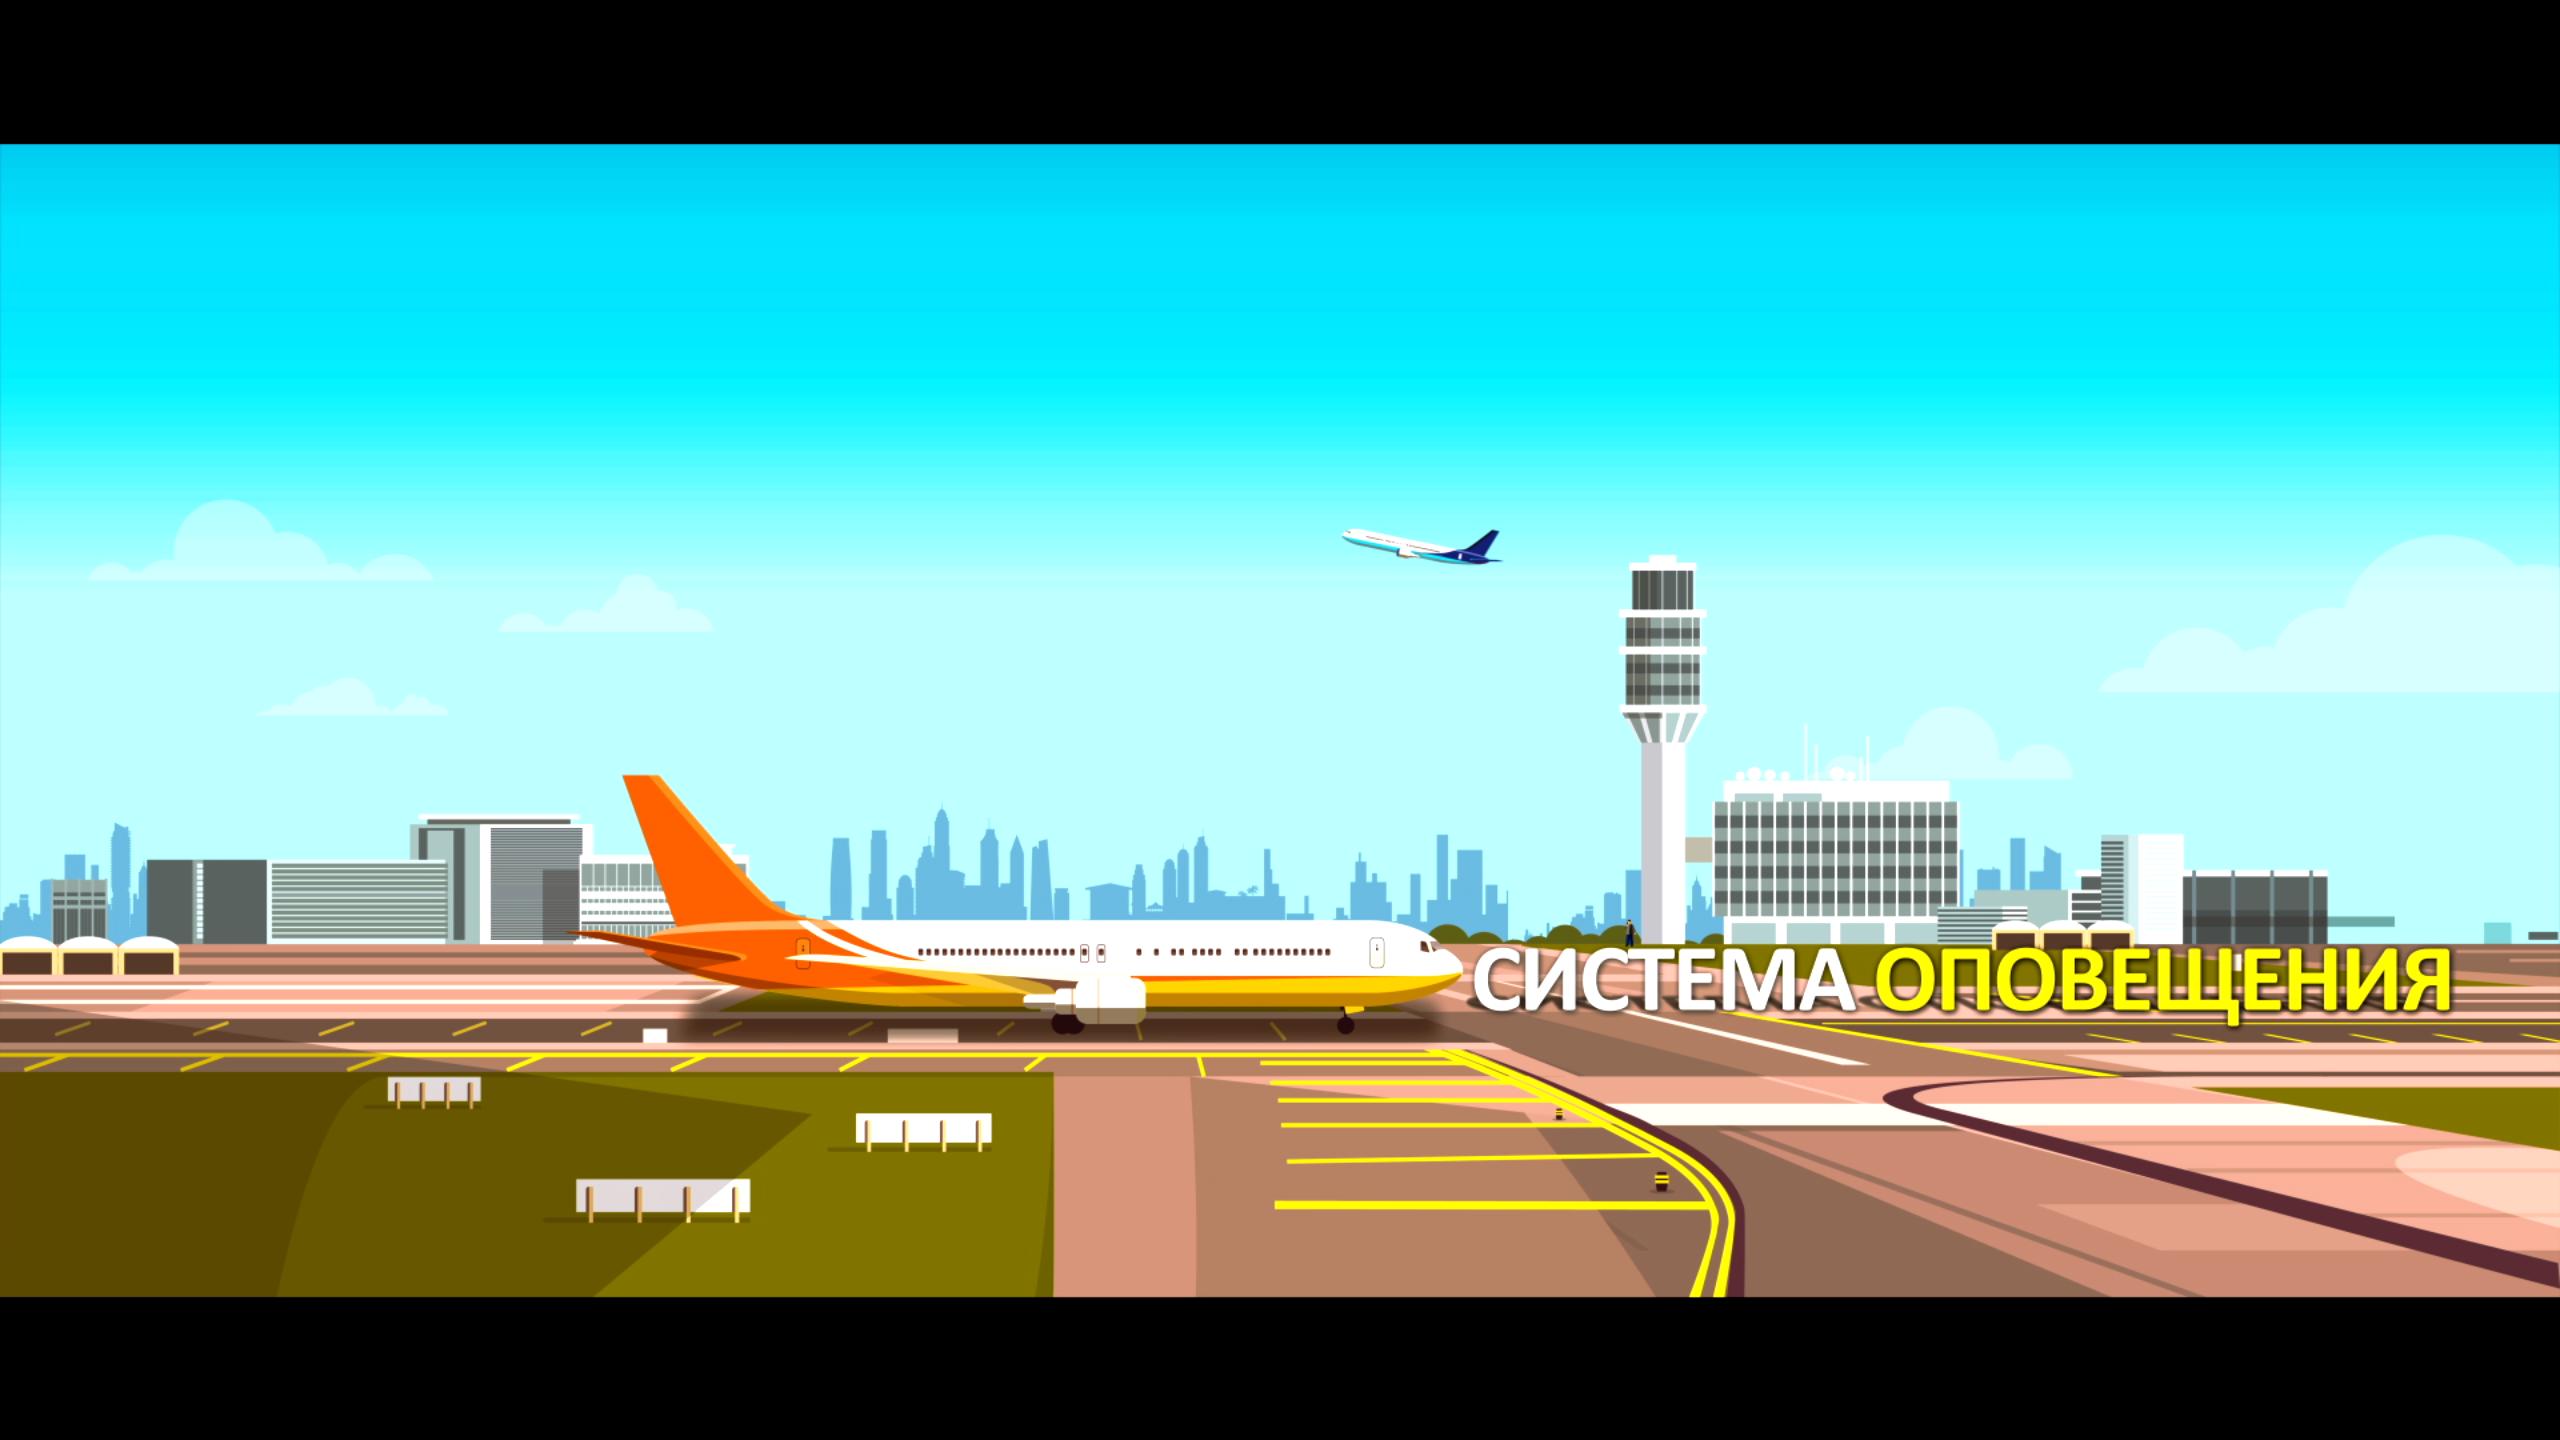 Система массового оповещения аэропортов